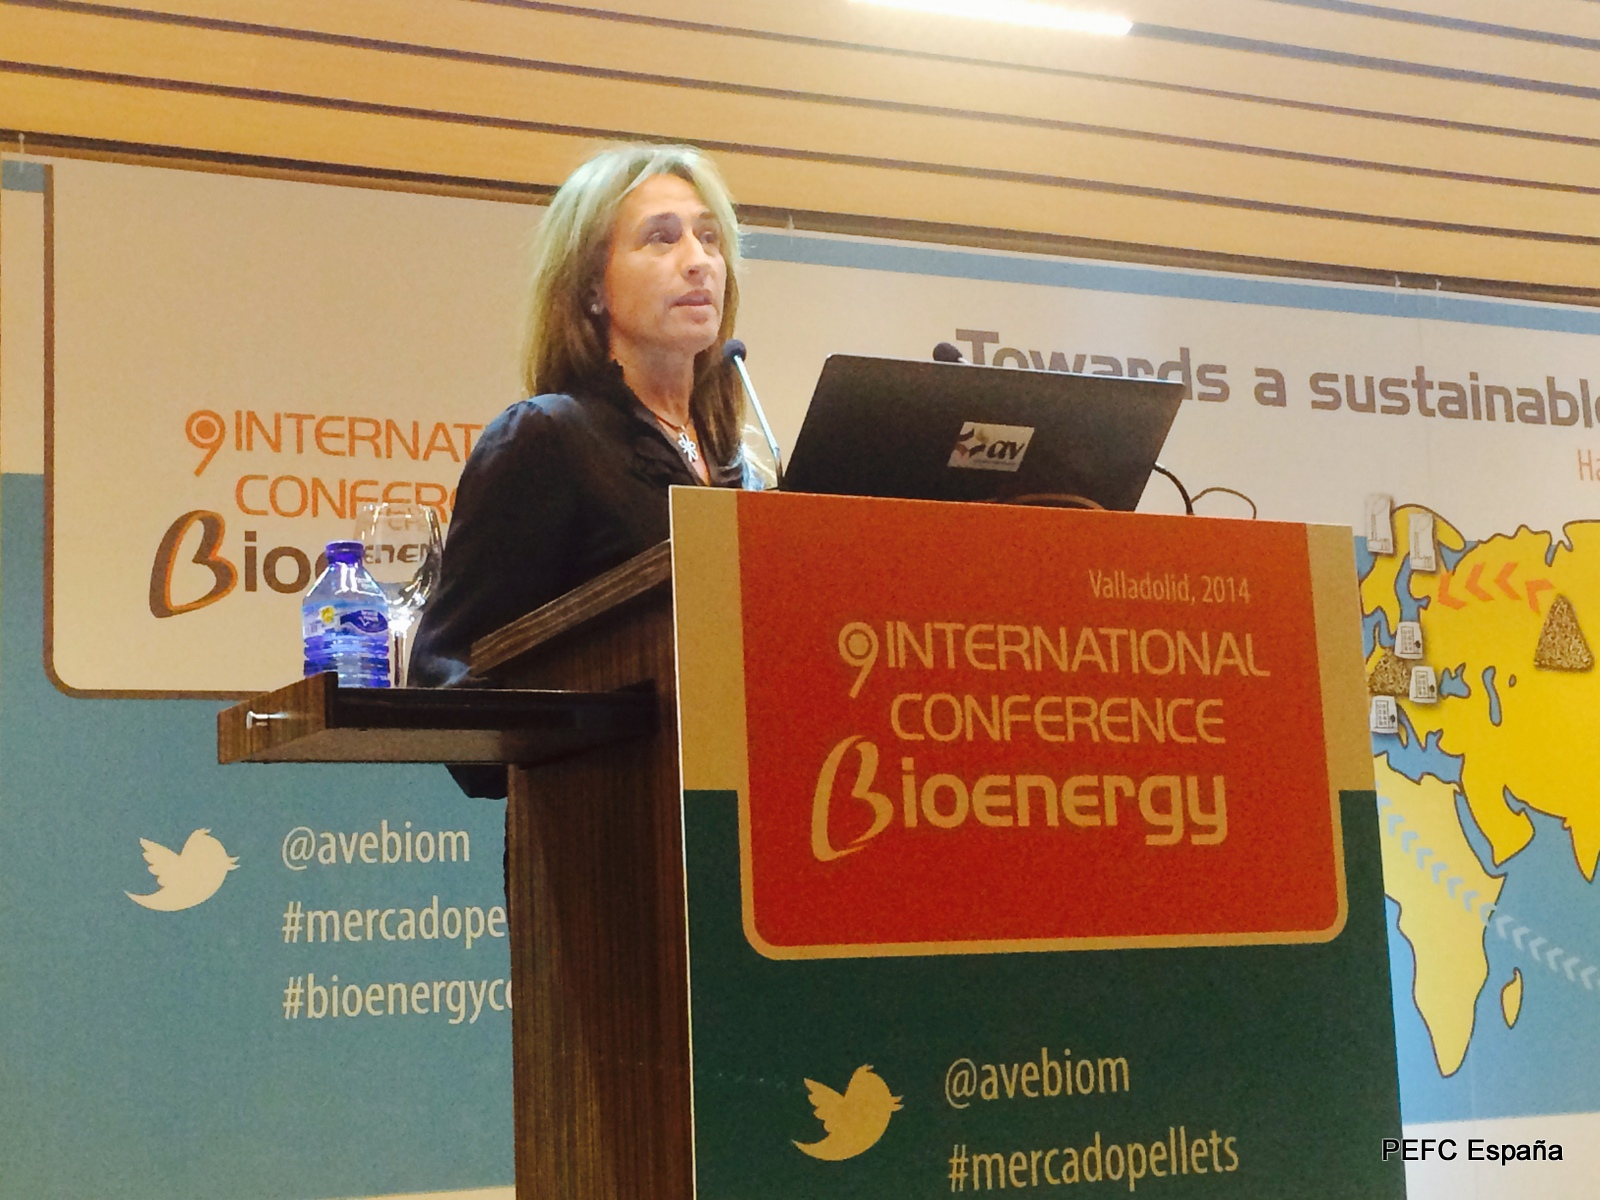 PEFC España y AVEBIOM consolidan su  alianza estratégica para impulsar la biomasa